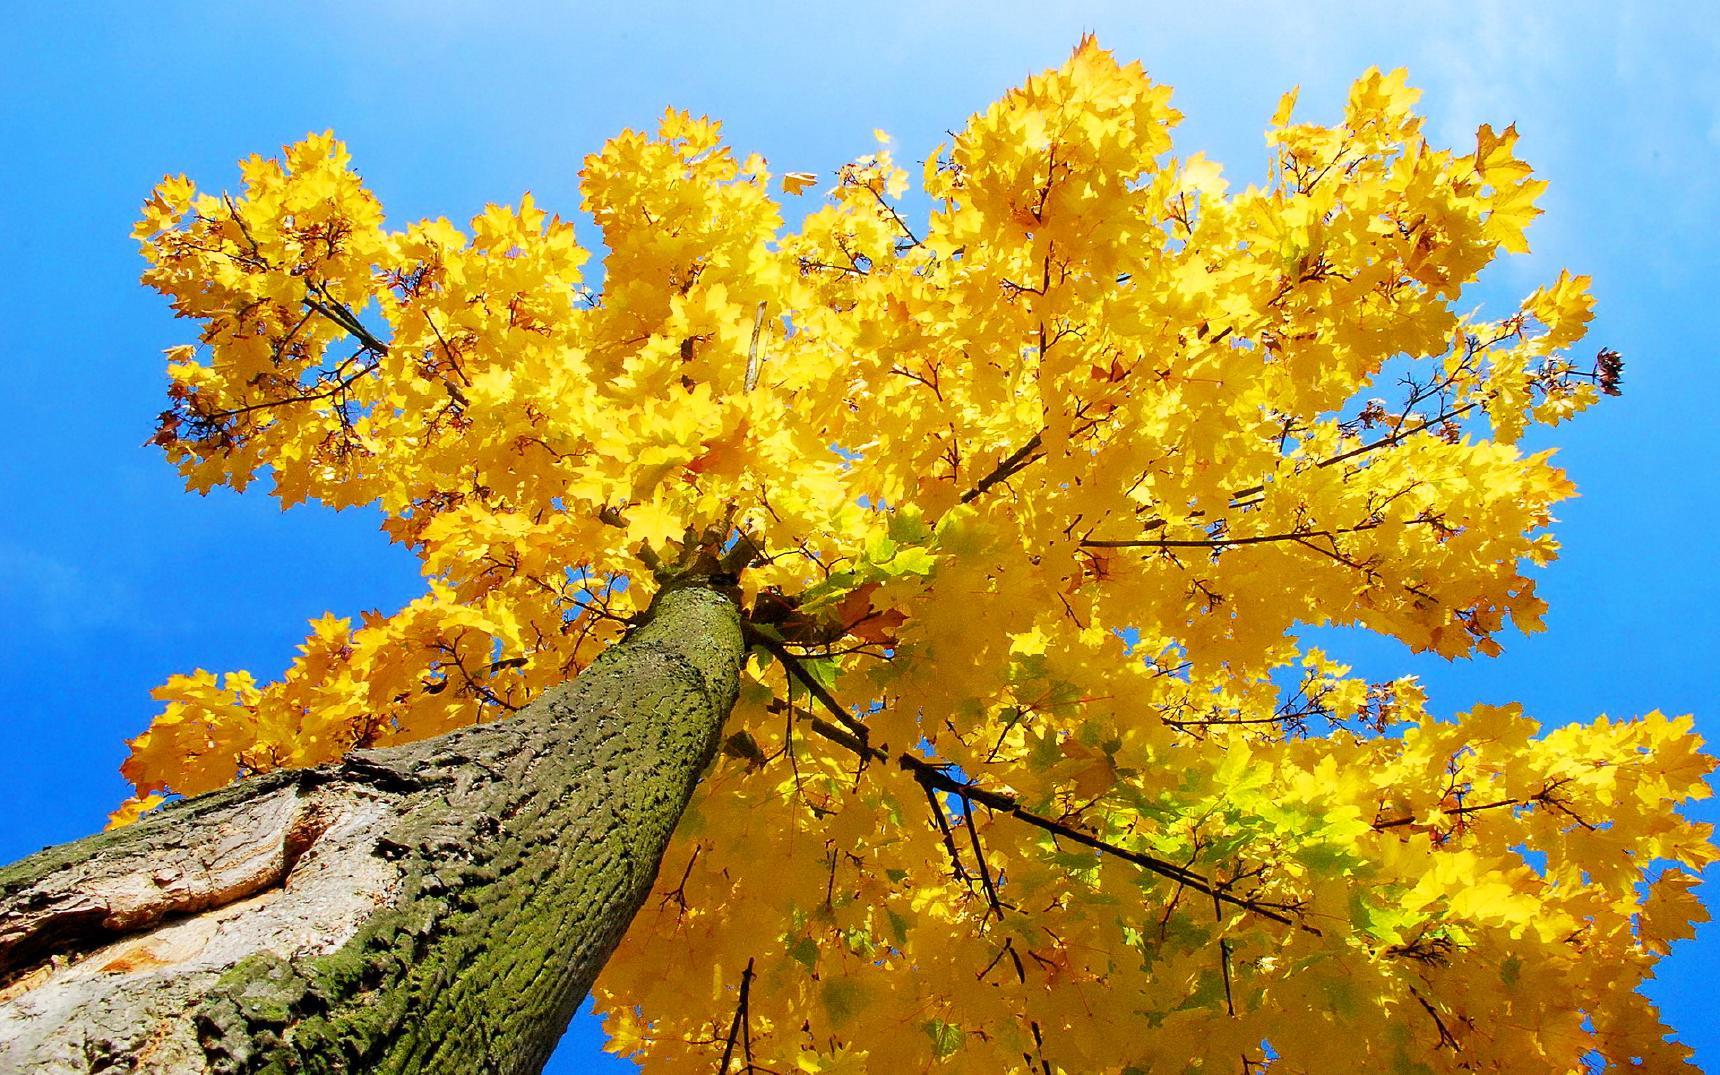 http://s5.picofile.com/file/8119899226/imagesalbum_blogsky_com_9_.jpg